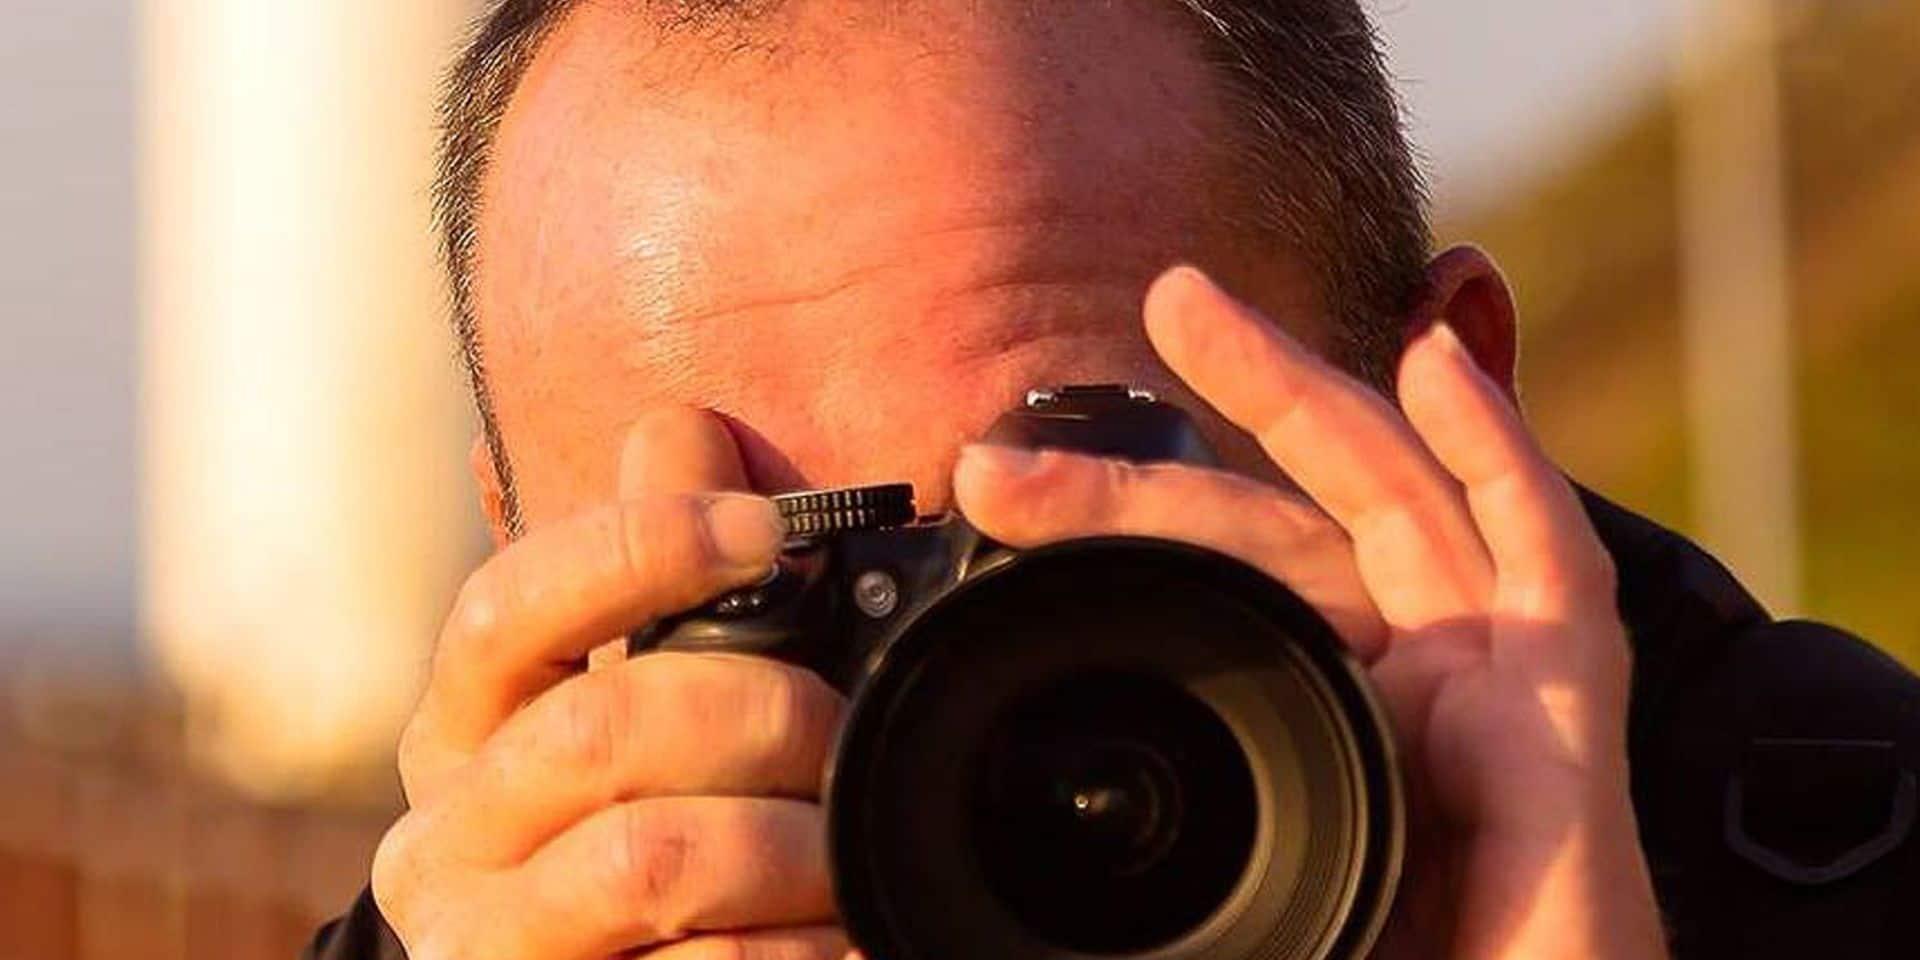 Le concours photo mensuel de la Maison du Tourisme rencontre un vif succès à Mouscron